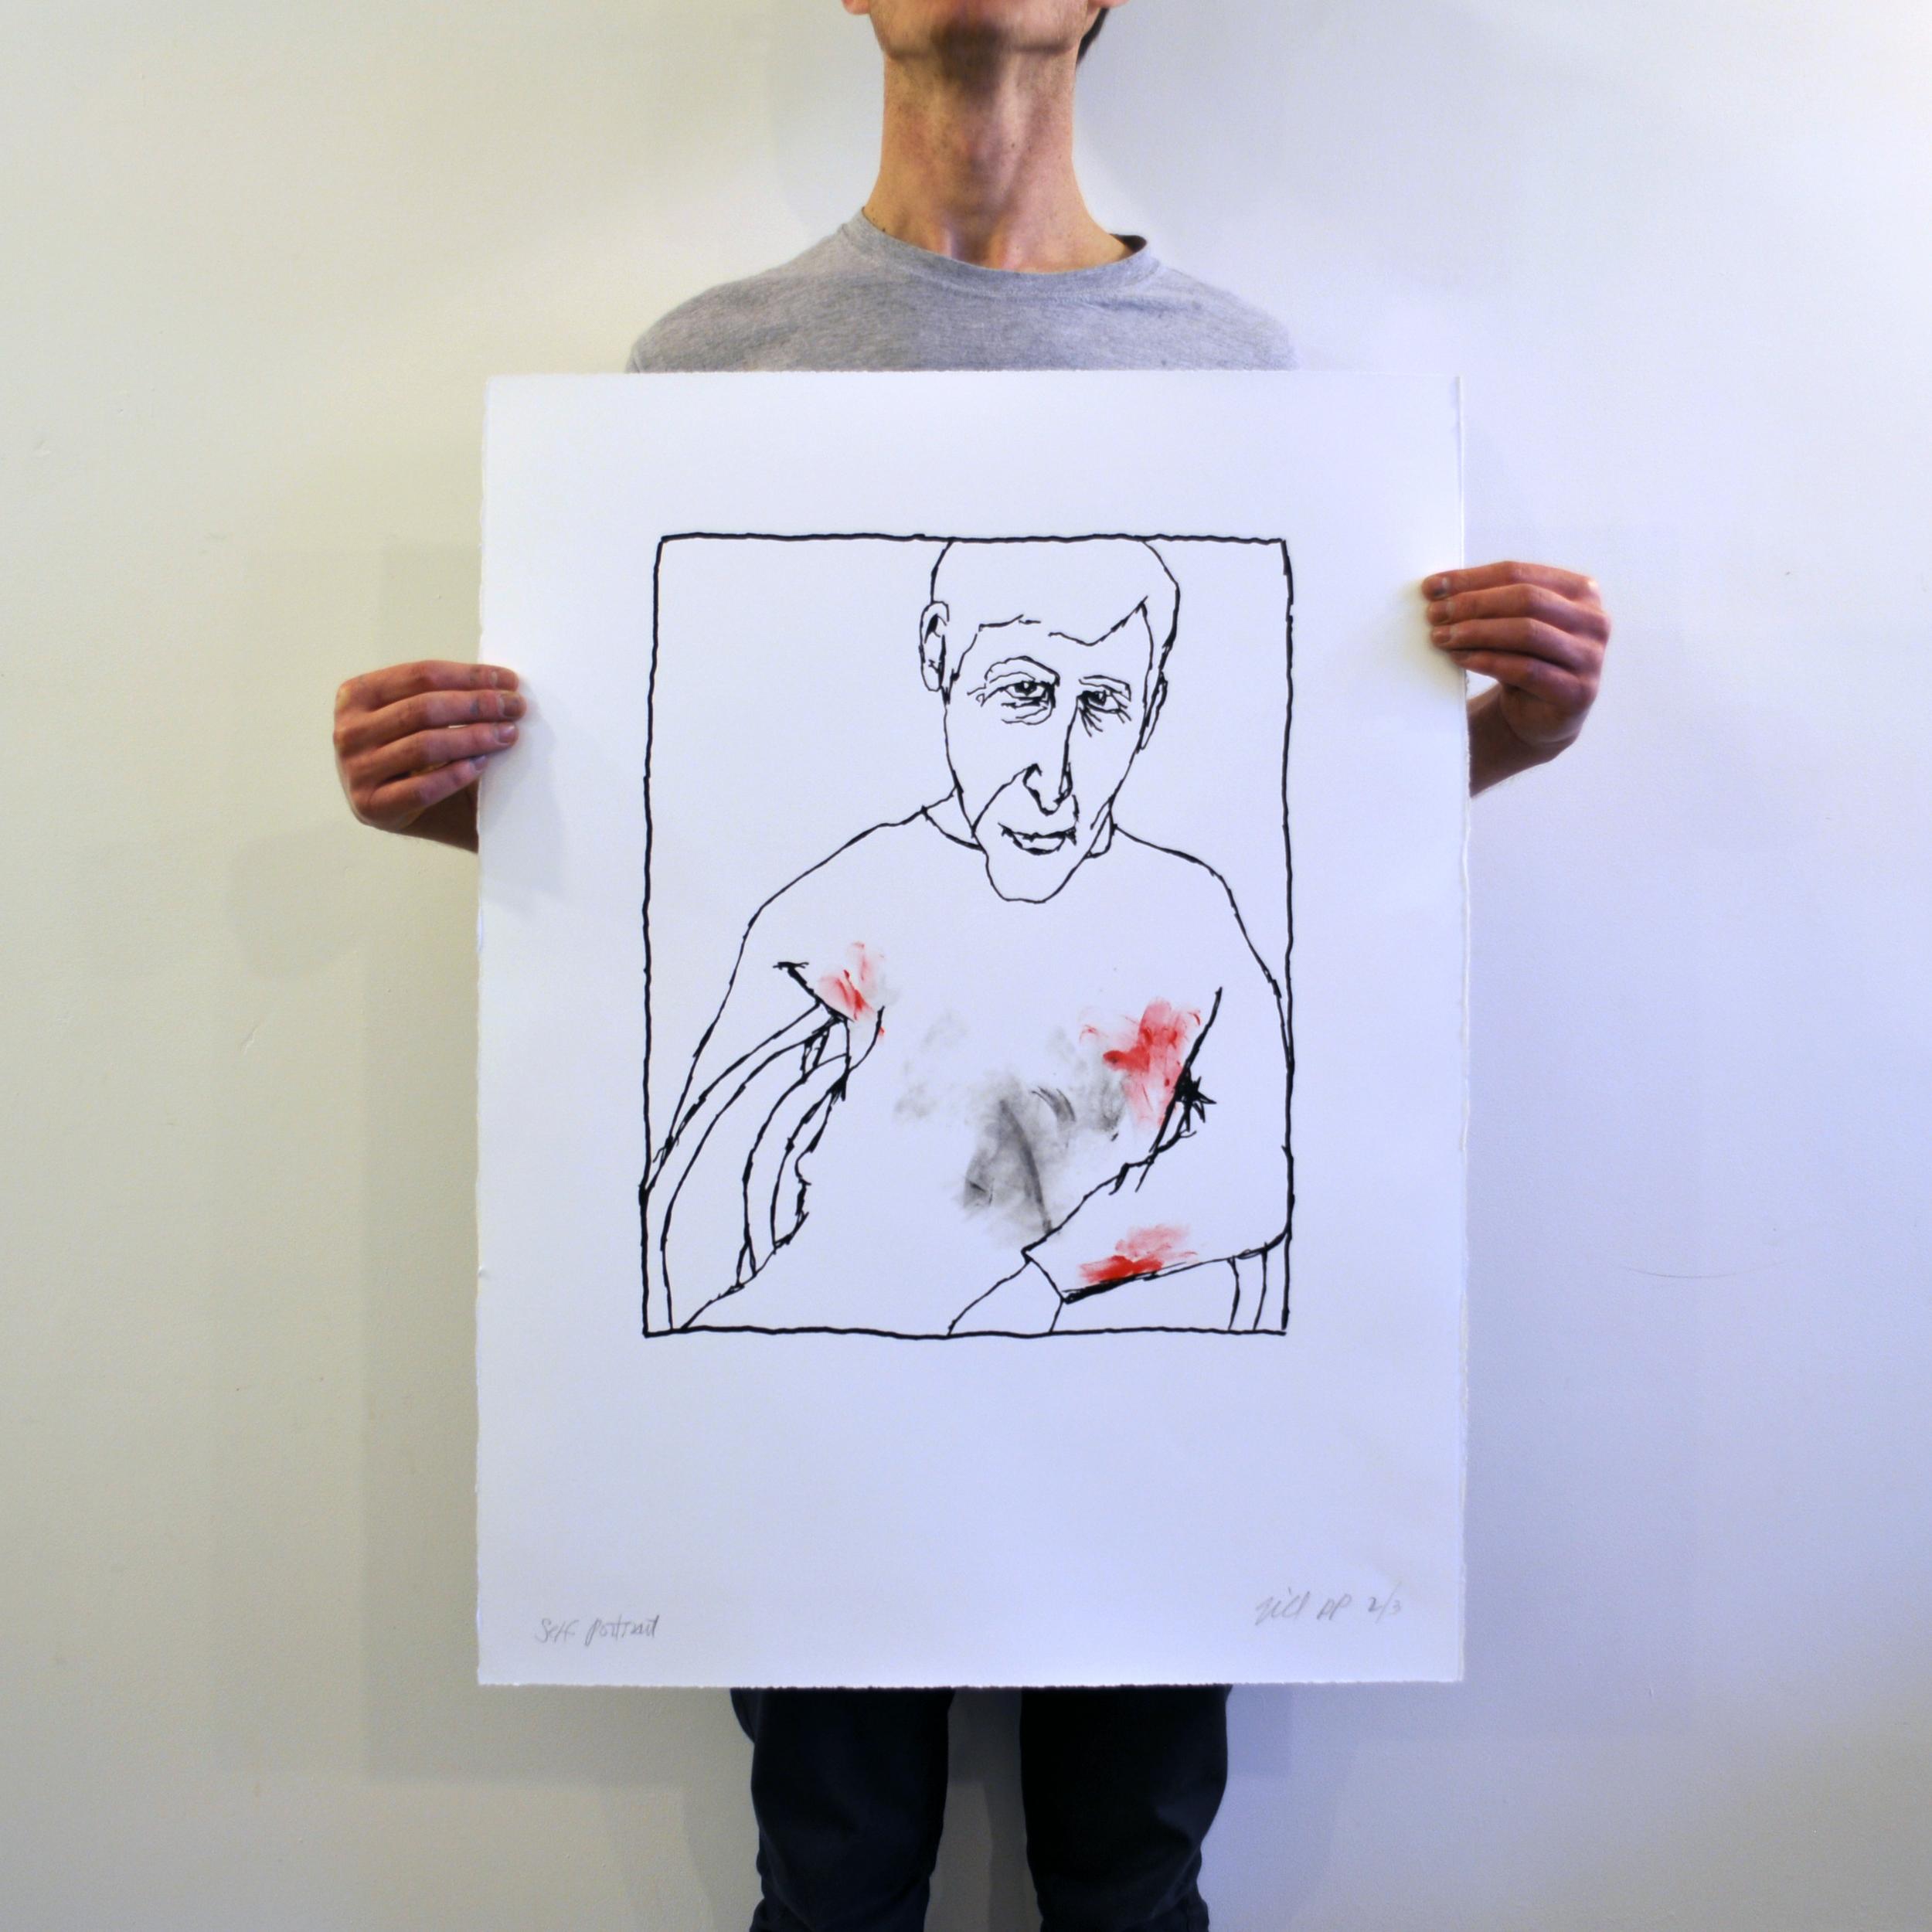 Self Portrait - Bob Gill